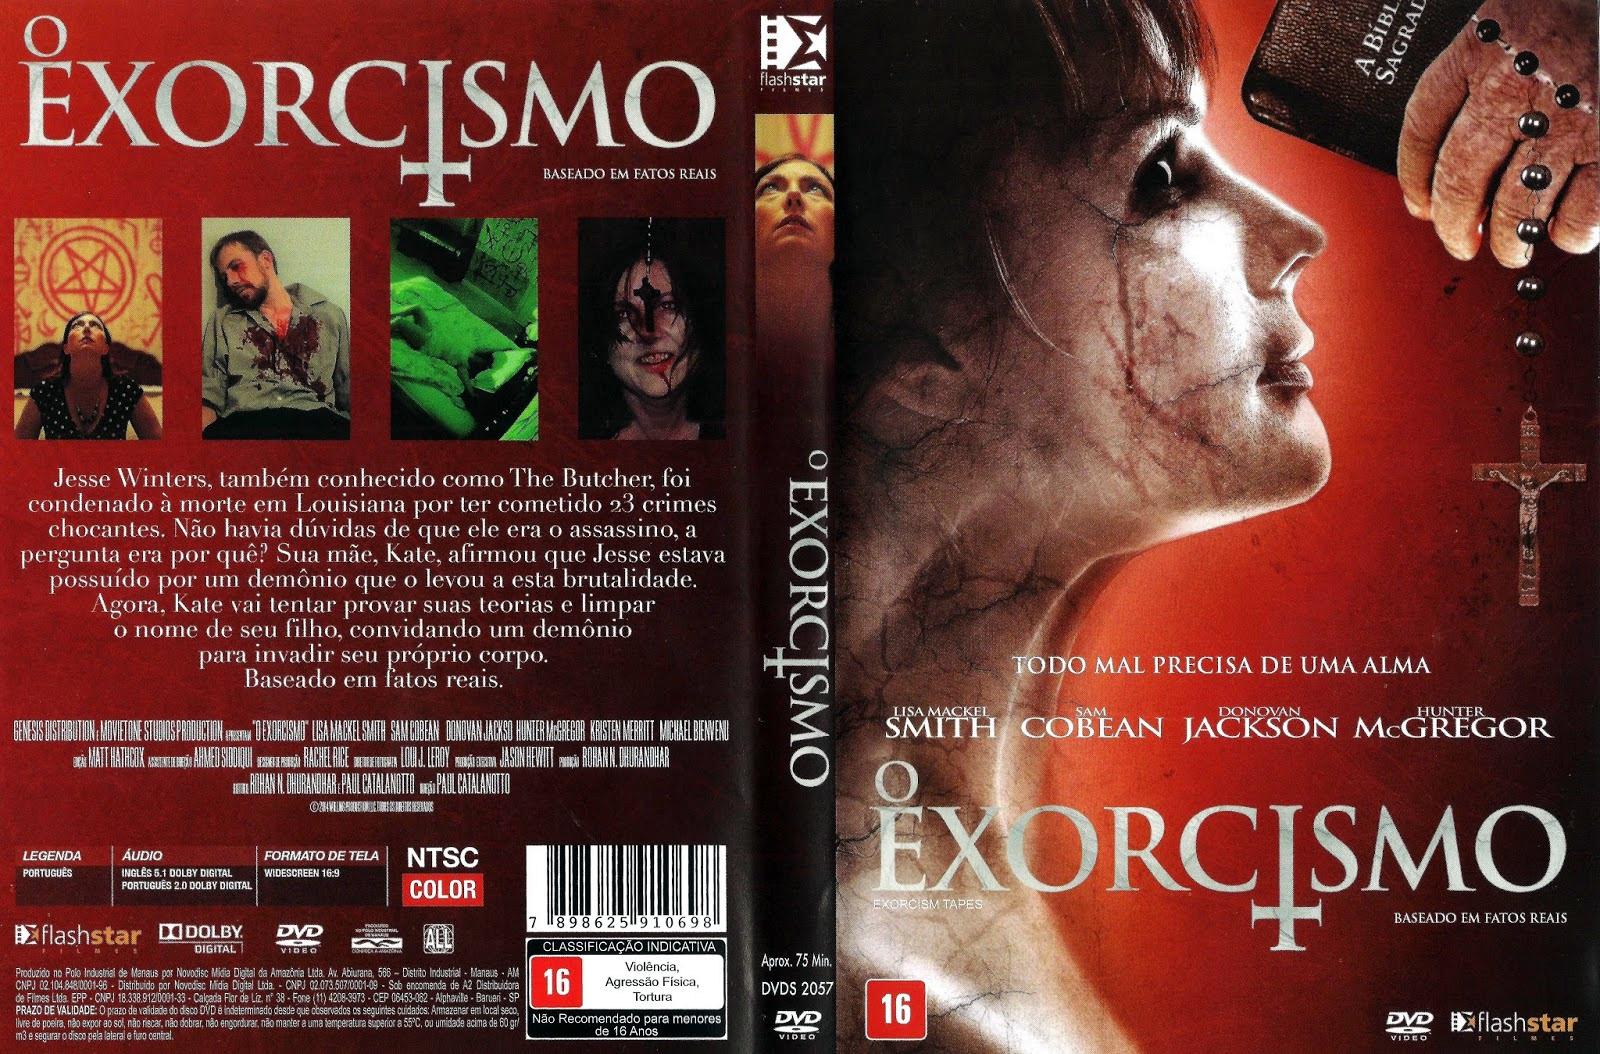 O Exorcismo DVDRip + DVD-R O 2BEXORCISMO 2B  2B2016